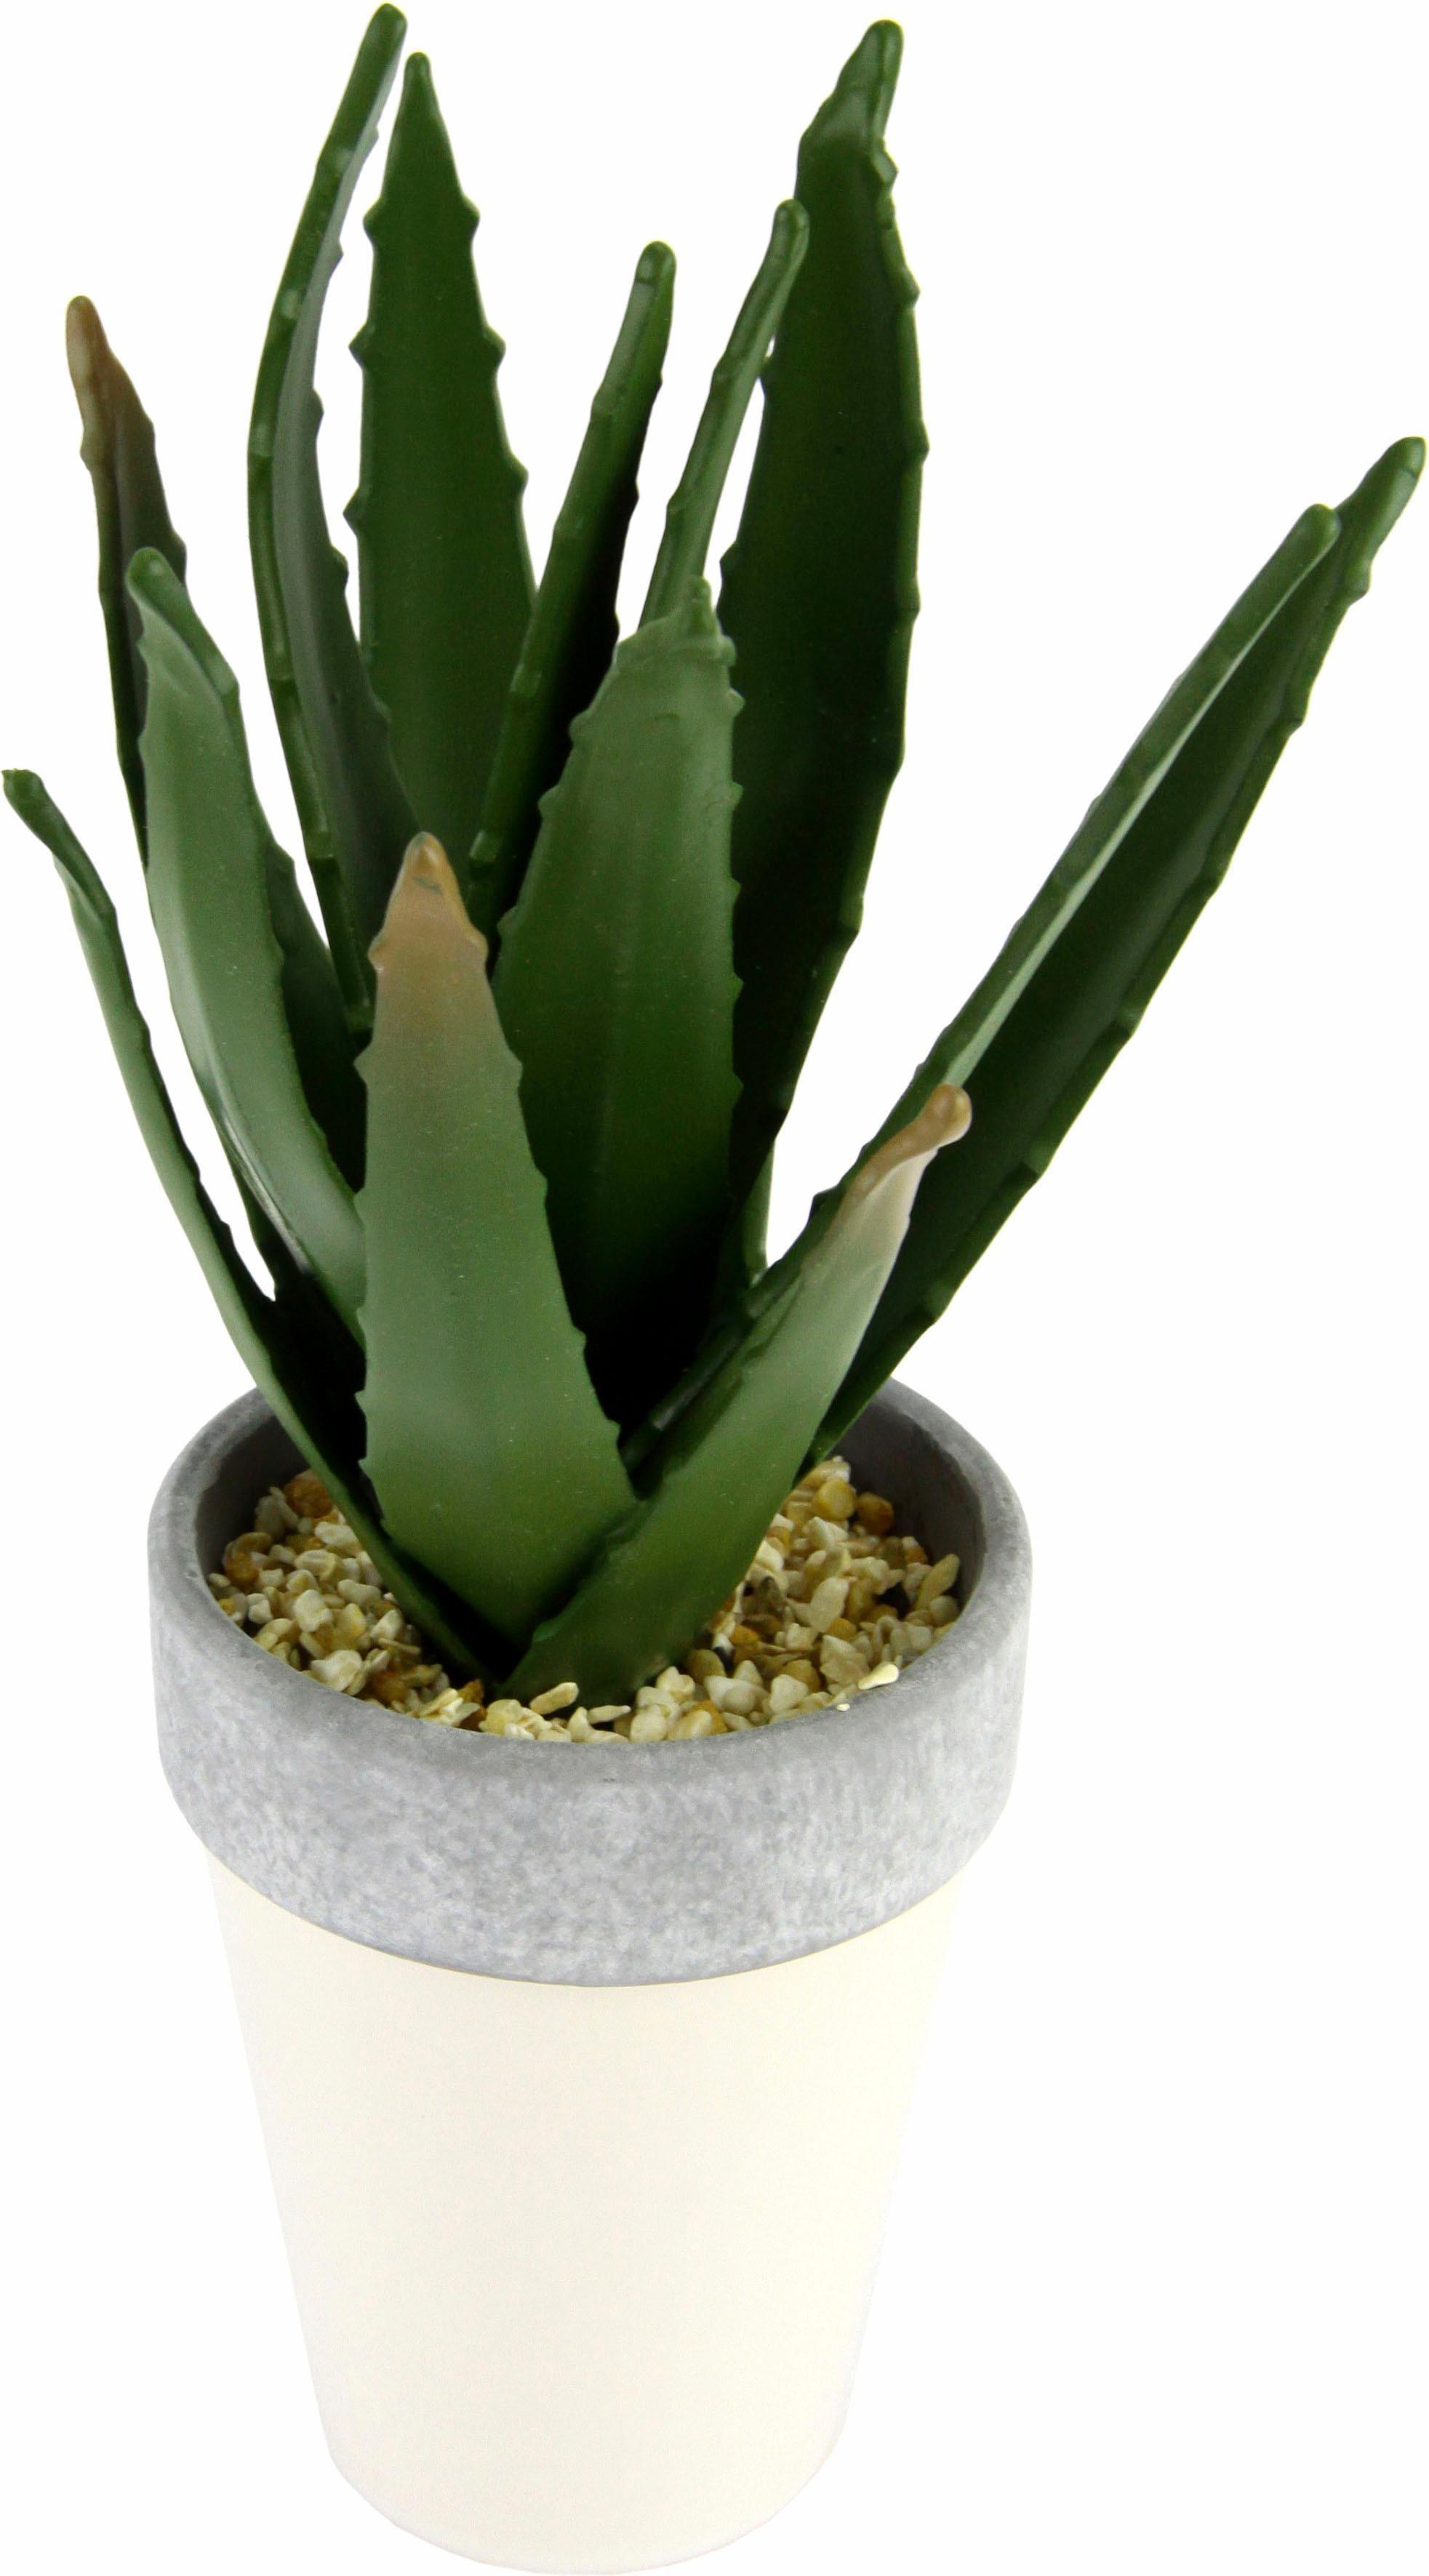 I.GE.A. Kunstpflanze Agave in Topf 27/12 cm grün Künstliche Zimmerpflanzen Kunstpflanzen Wohnaccessoires